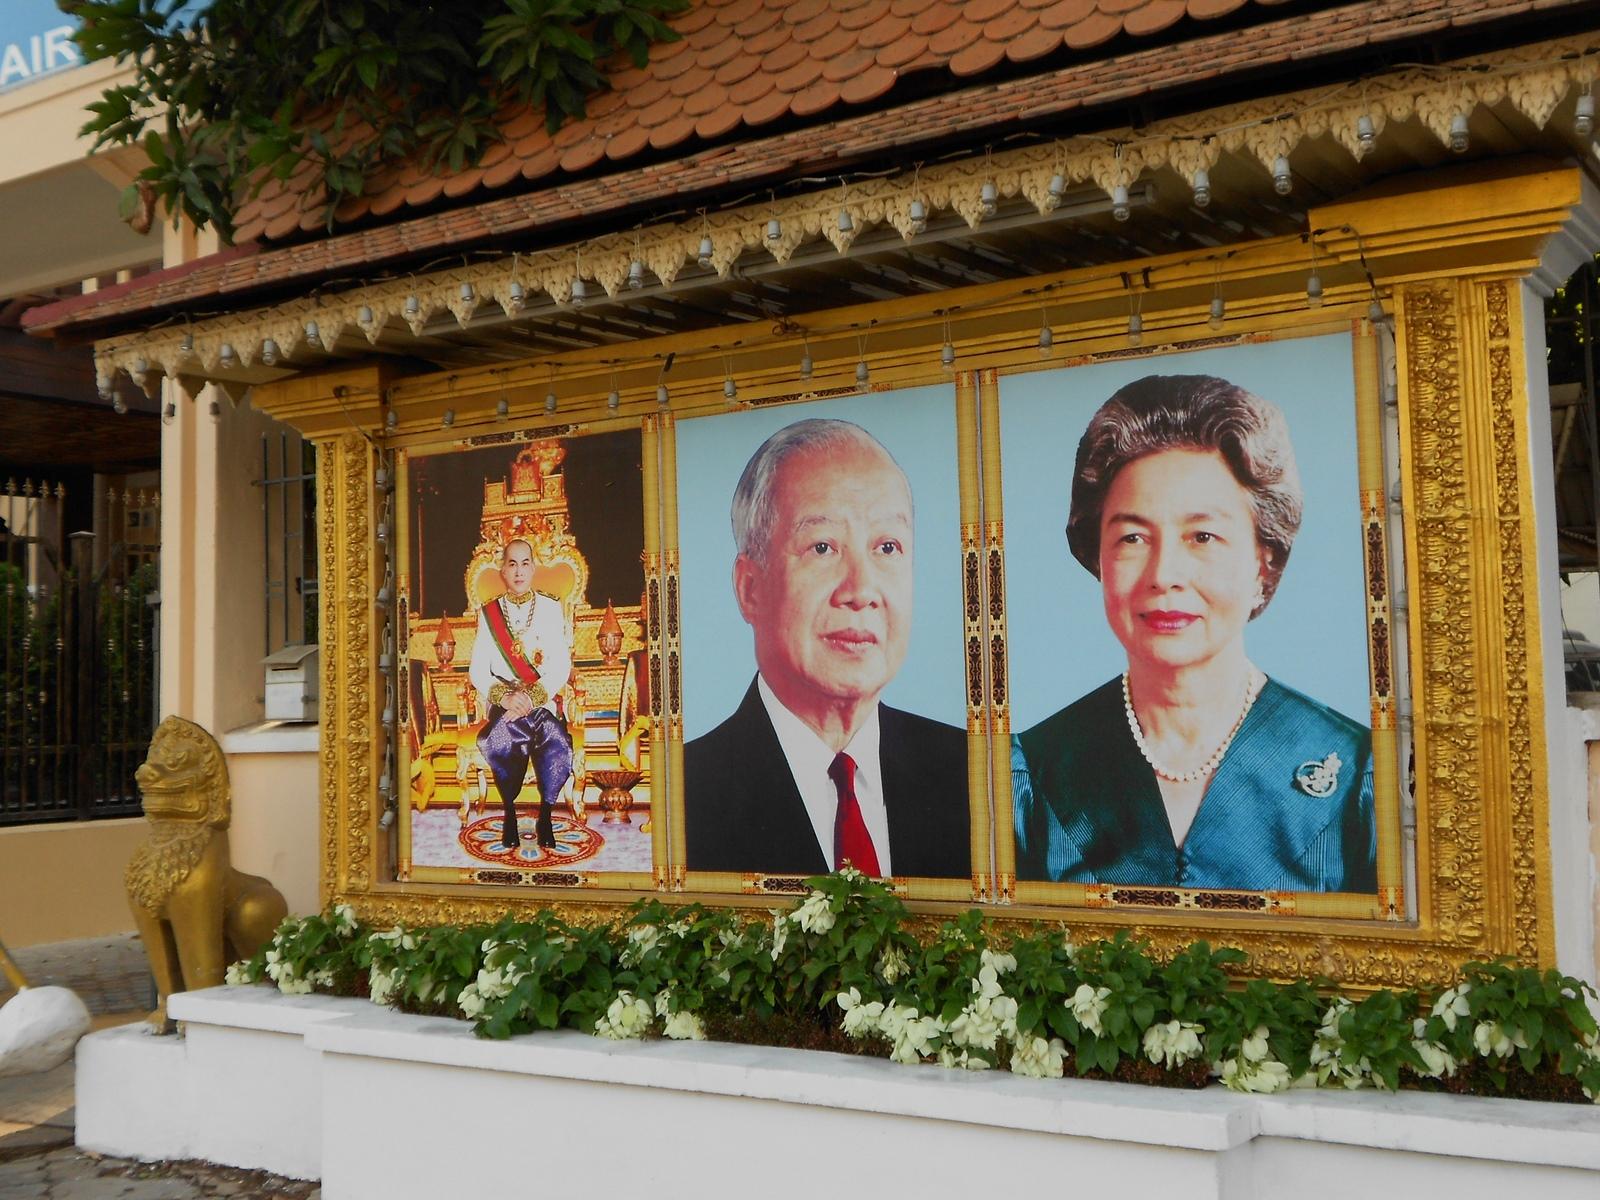 pnomh-penh(12)